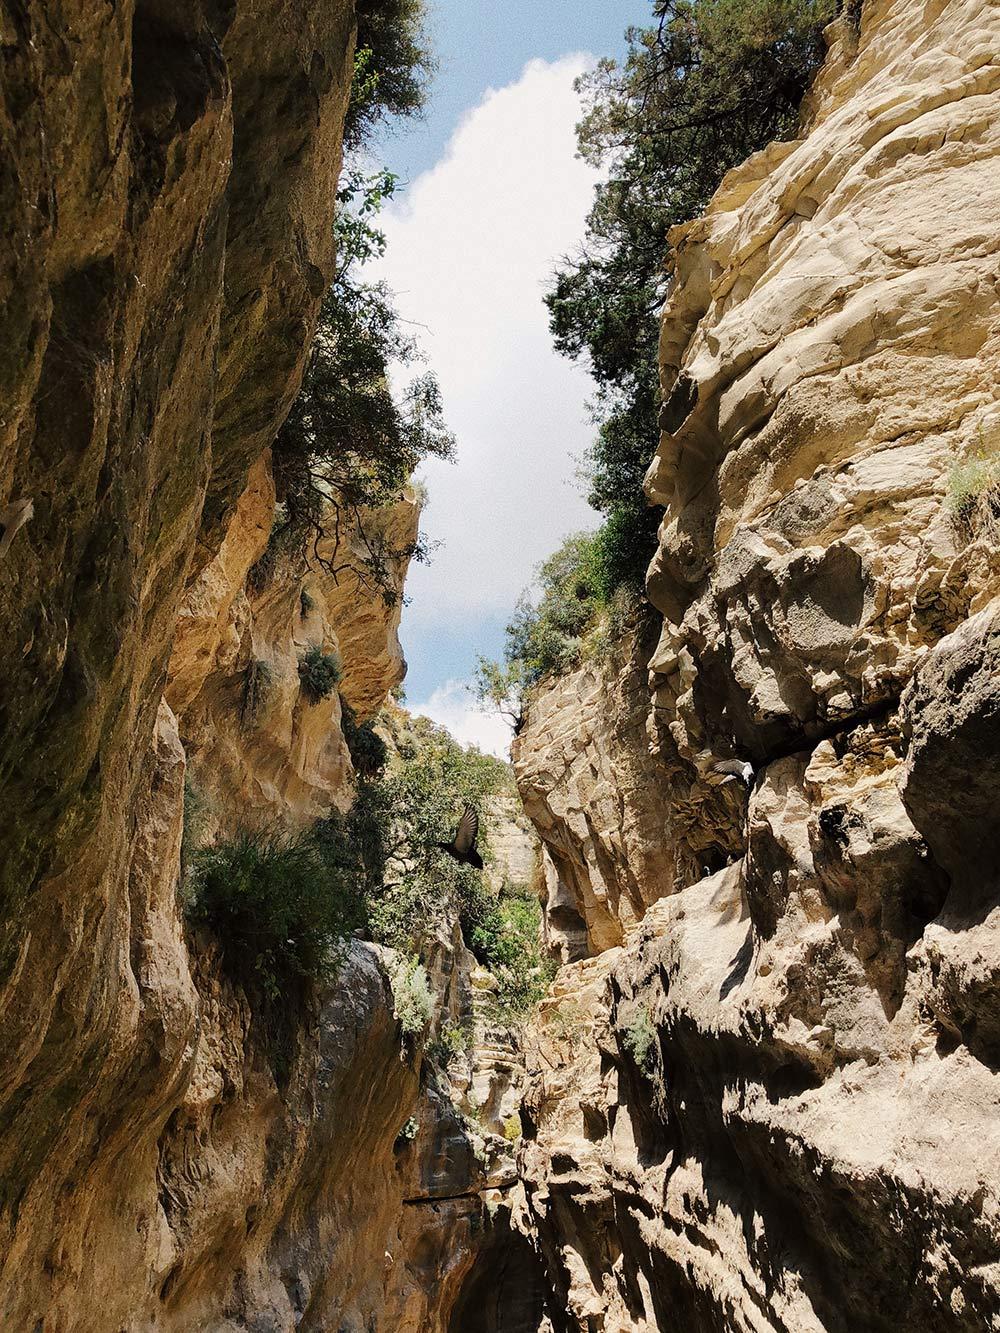 На полуострове Акамас есть красивое ущелье Авакас